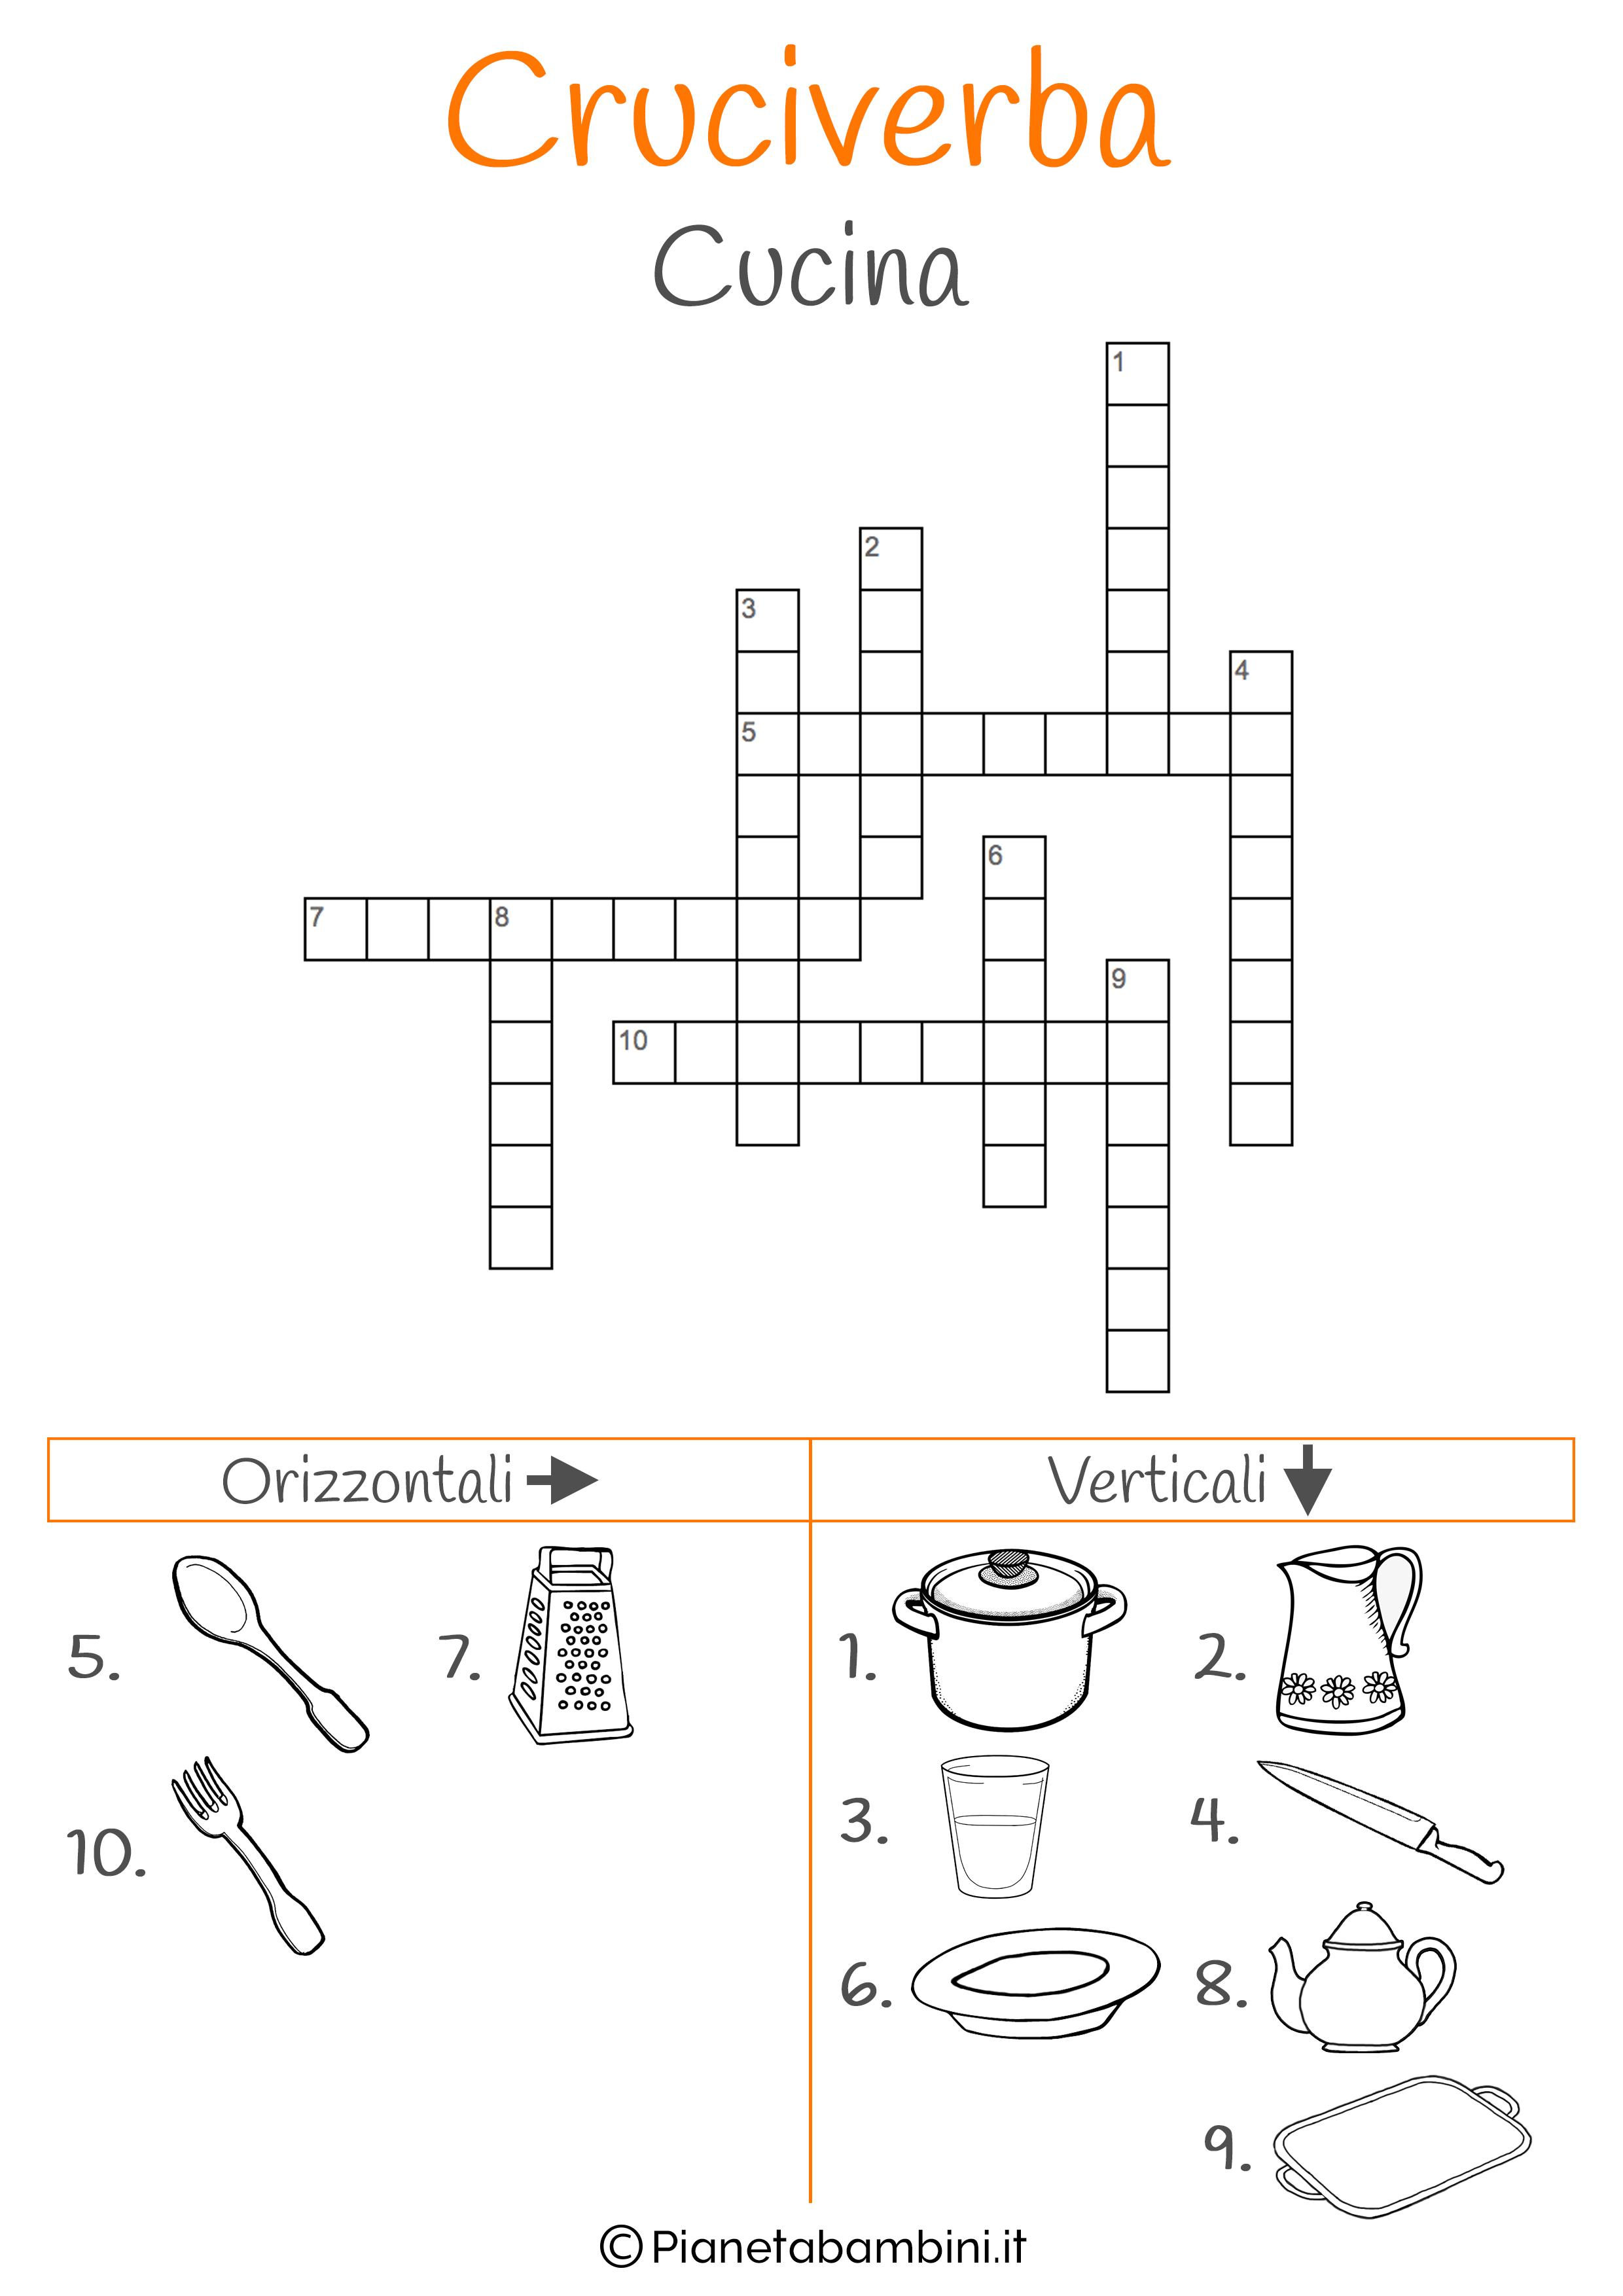 Cruciverba illustrato sulla cucina